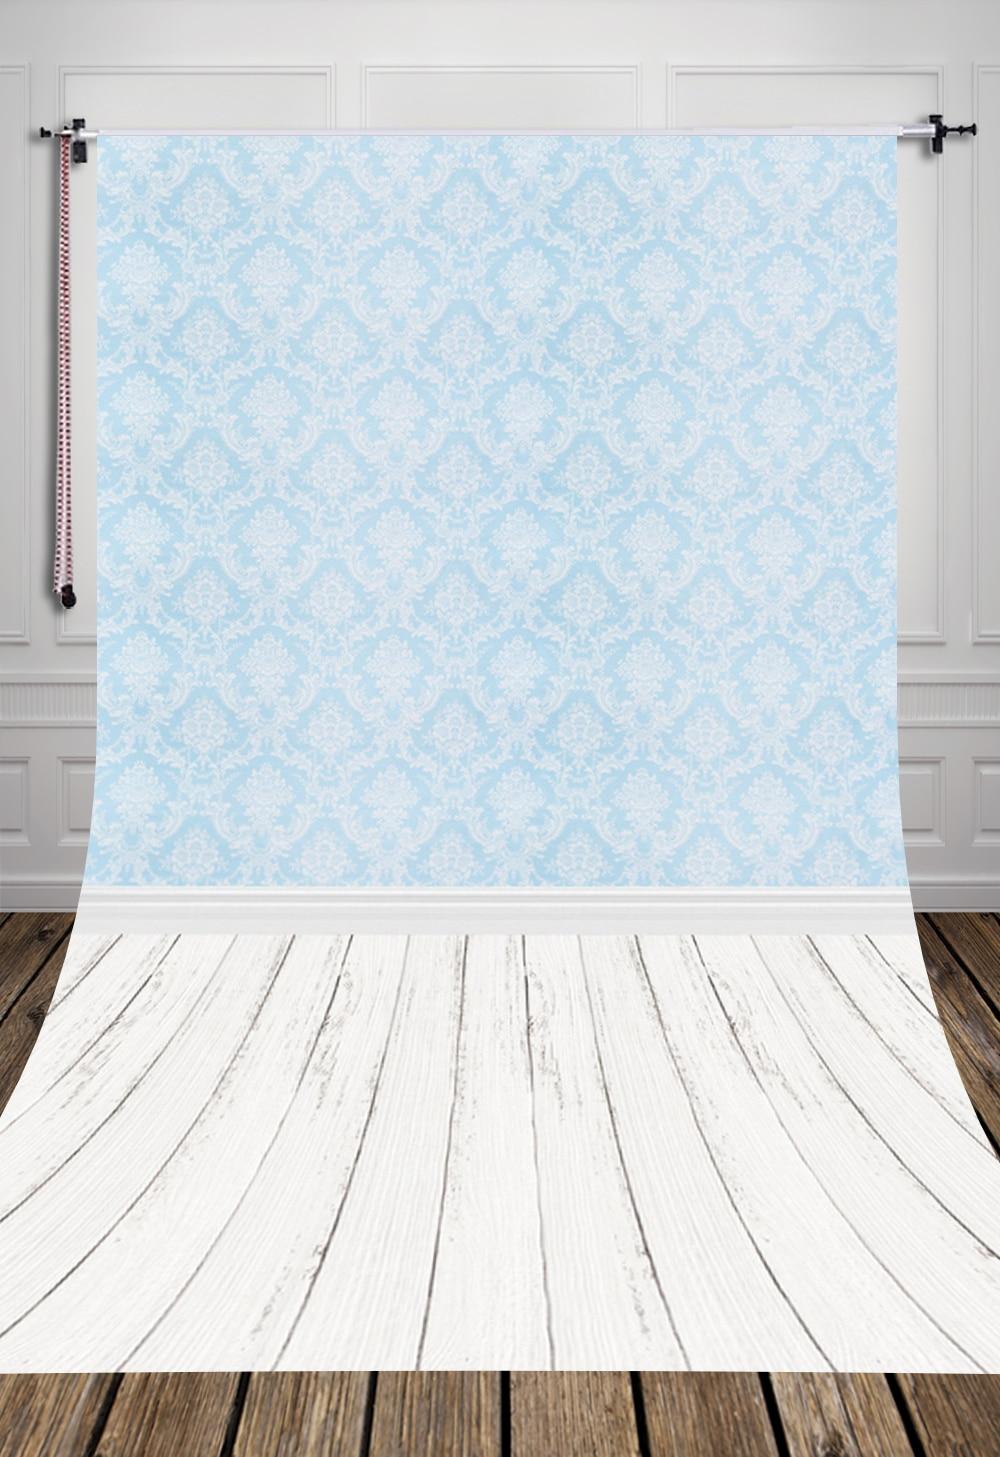 xft x m luz azul damasco papel pintado del estilo barroco